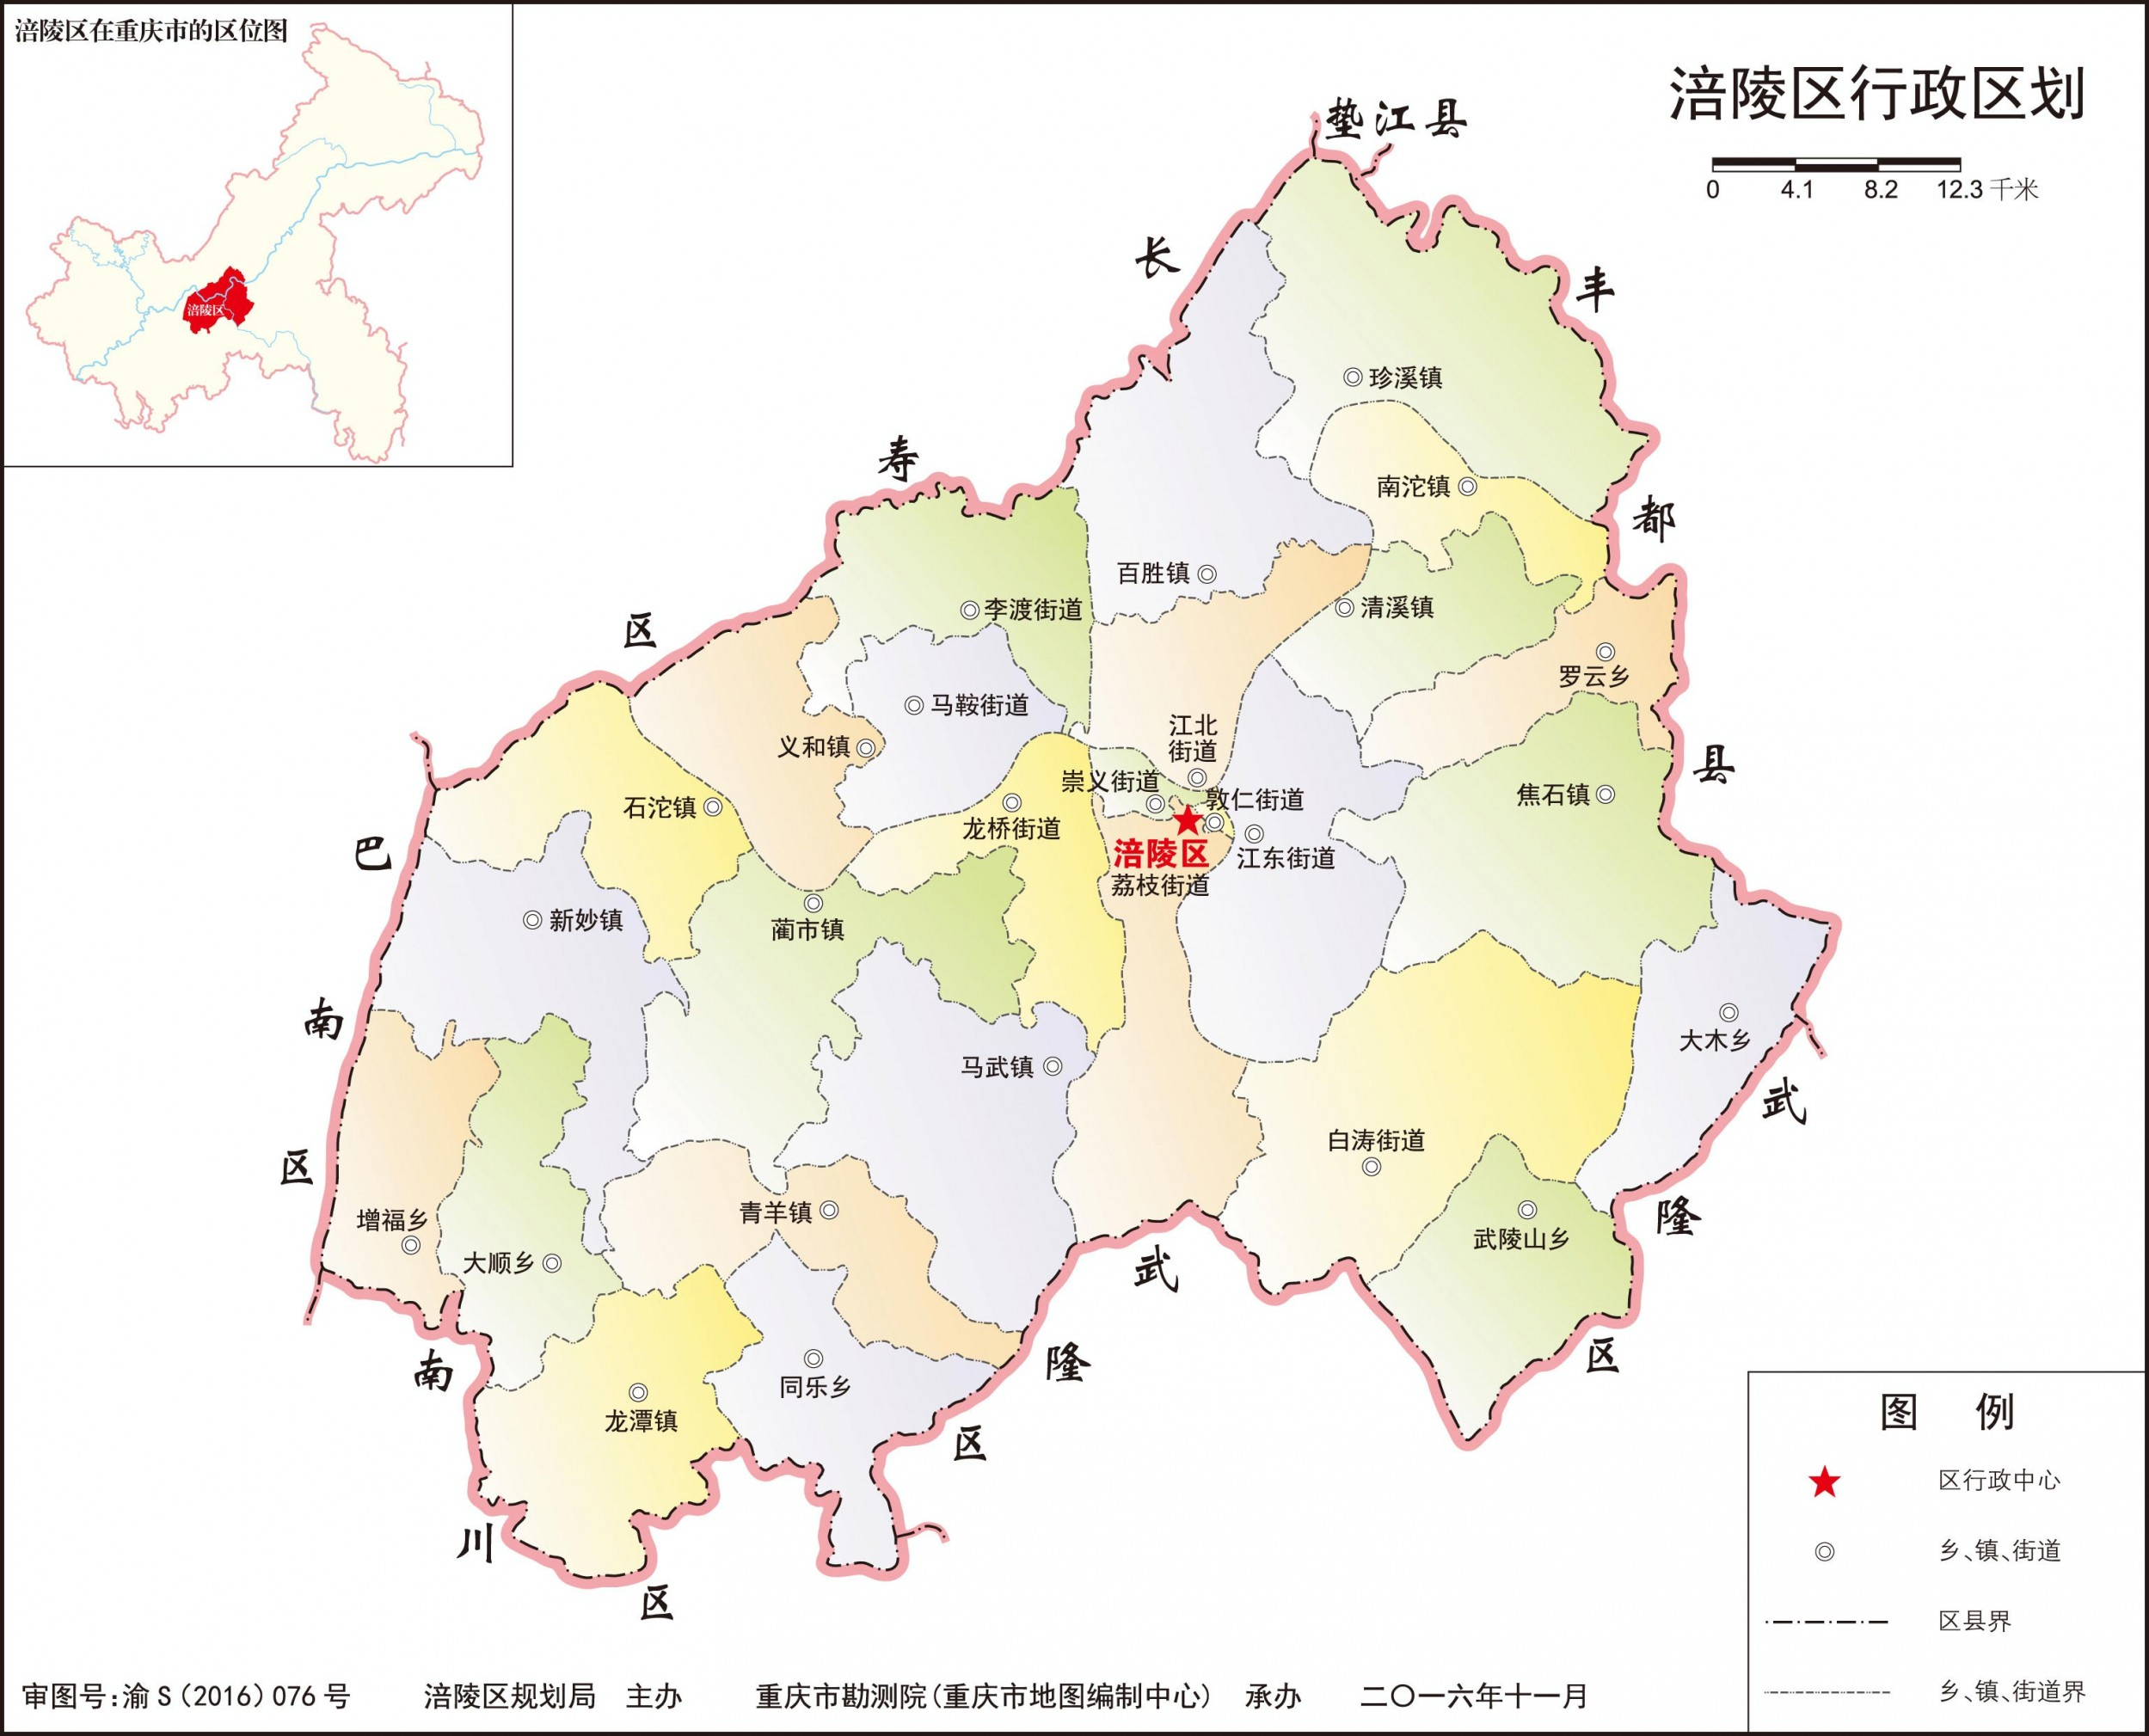 涪陵区行政区划.jpg